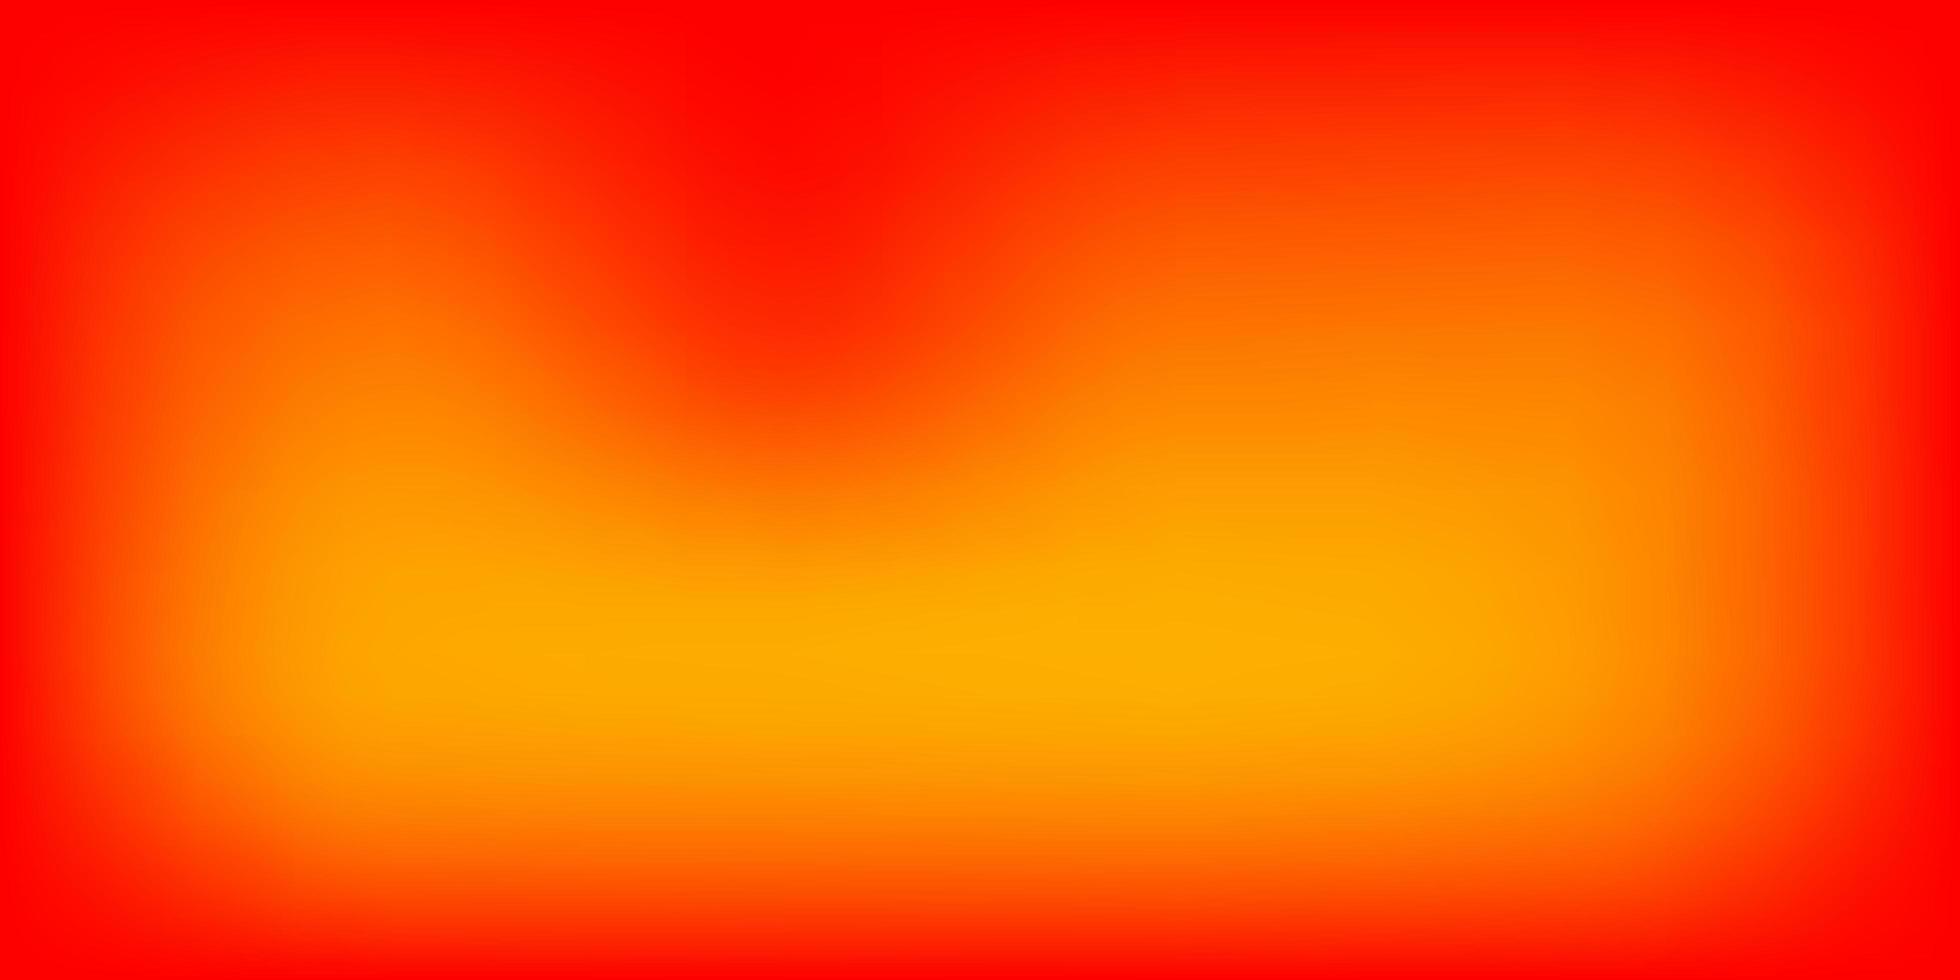 modelo borrado do vetor laranja claro.